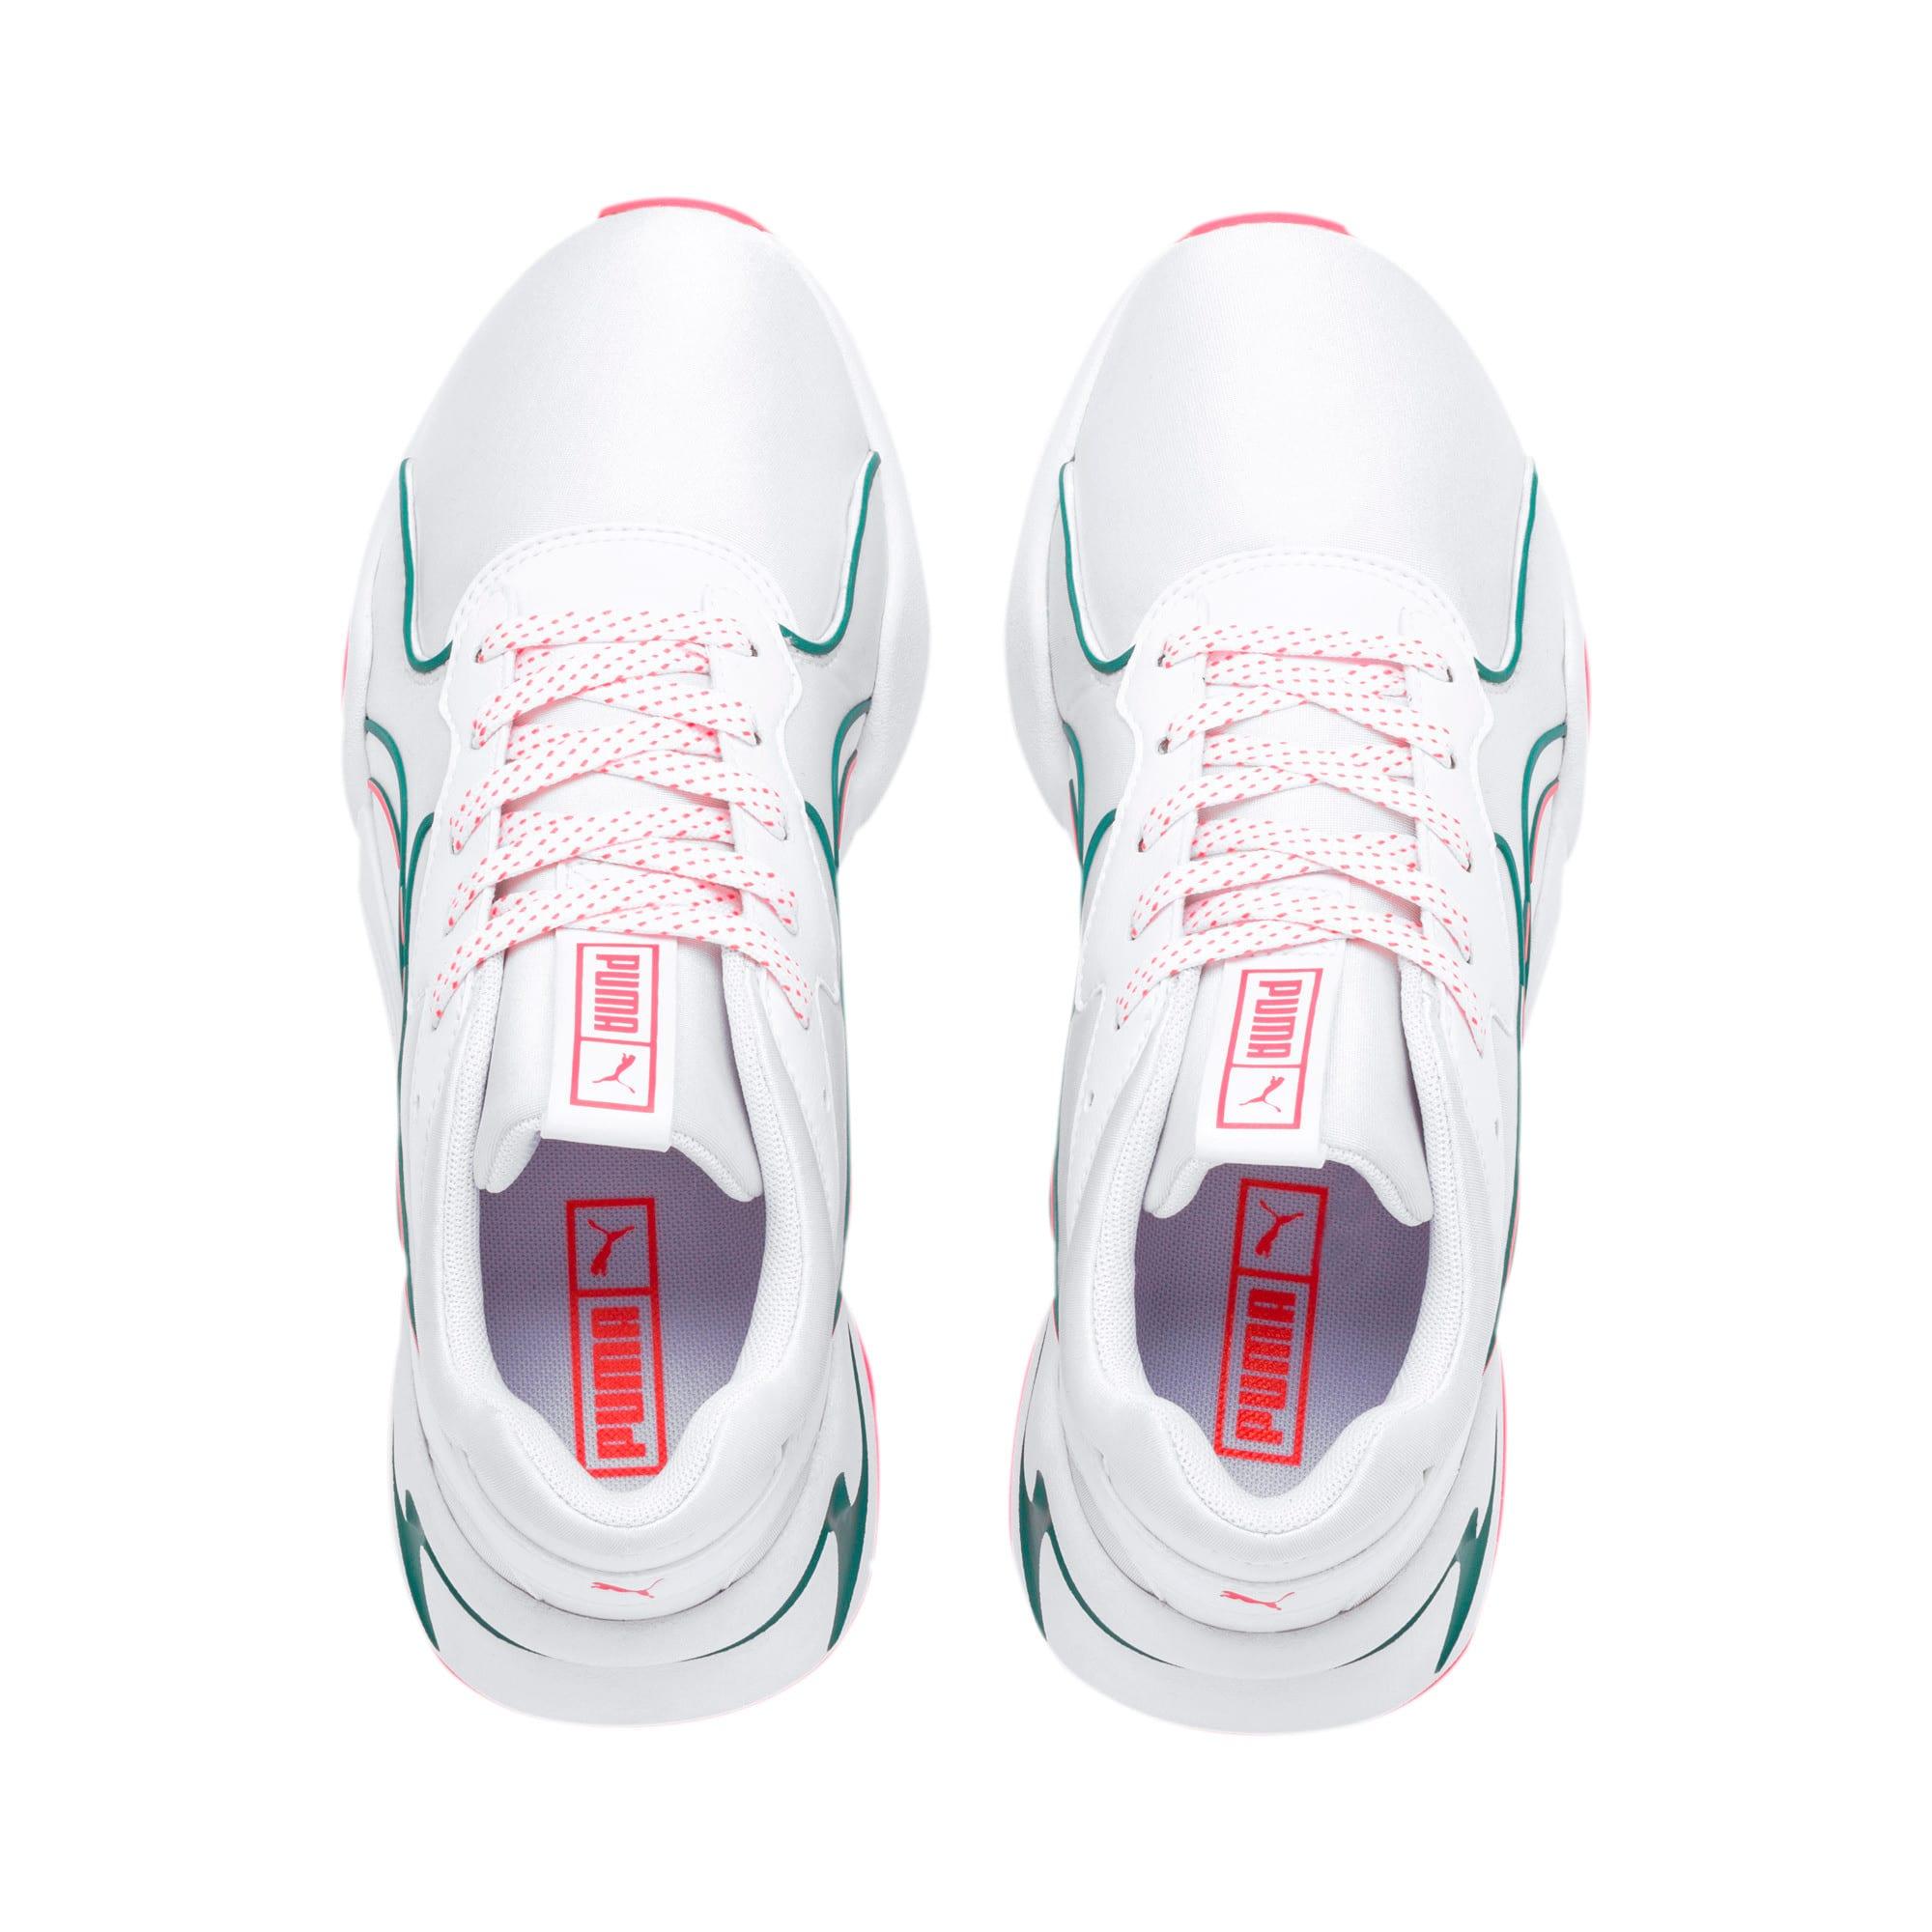 Imagen en miniatura 7 de Zapatillas de mujer Nova Hypertech IMEVA, Puma White, mediana